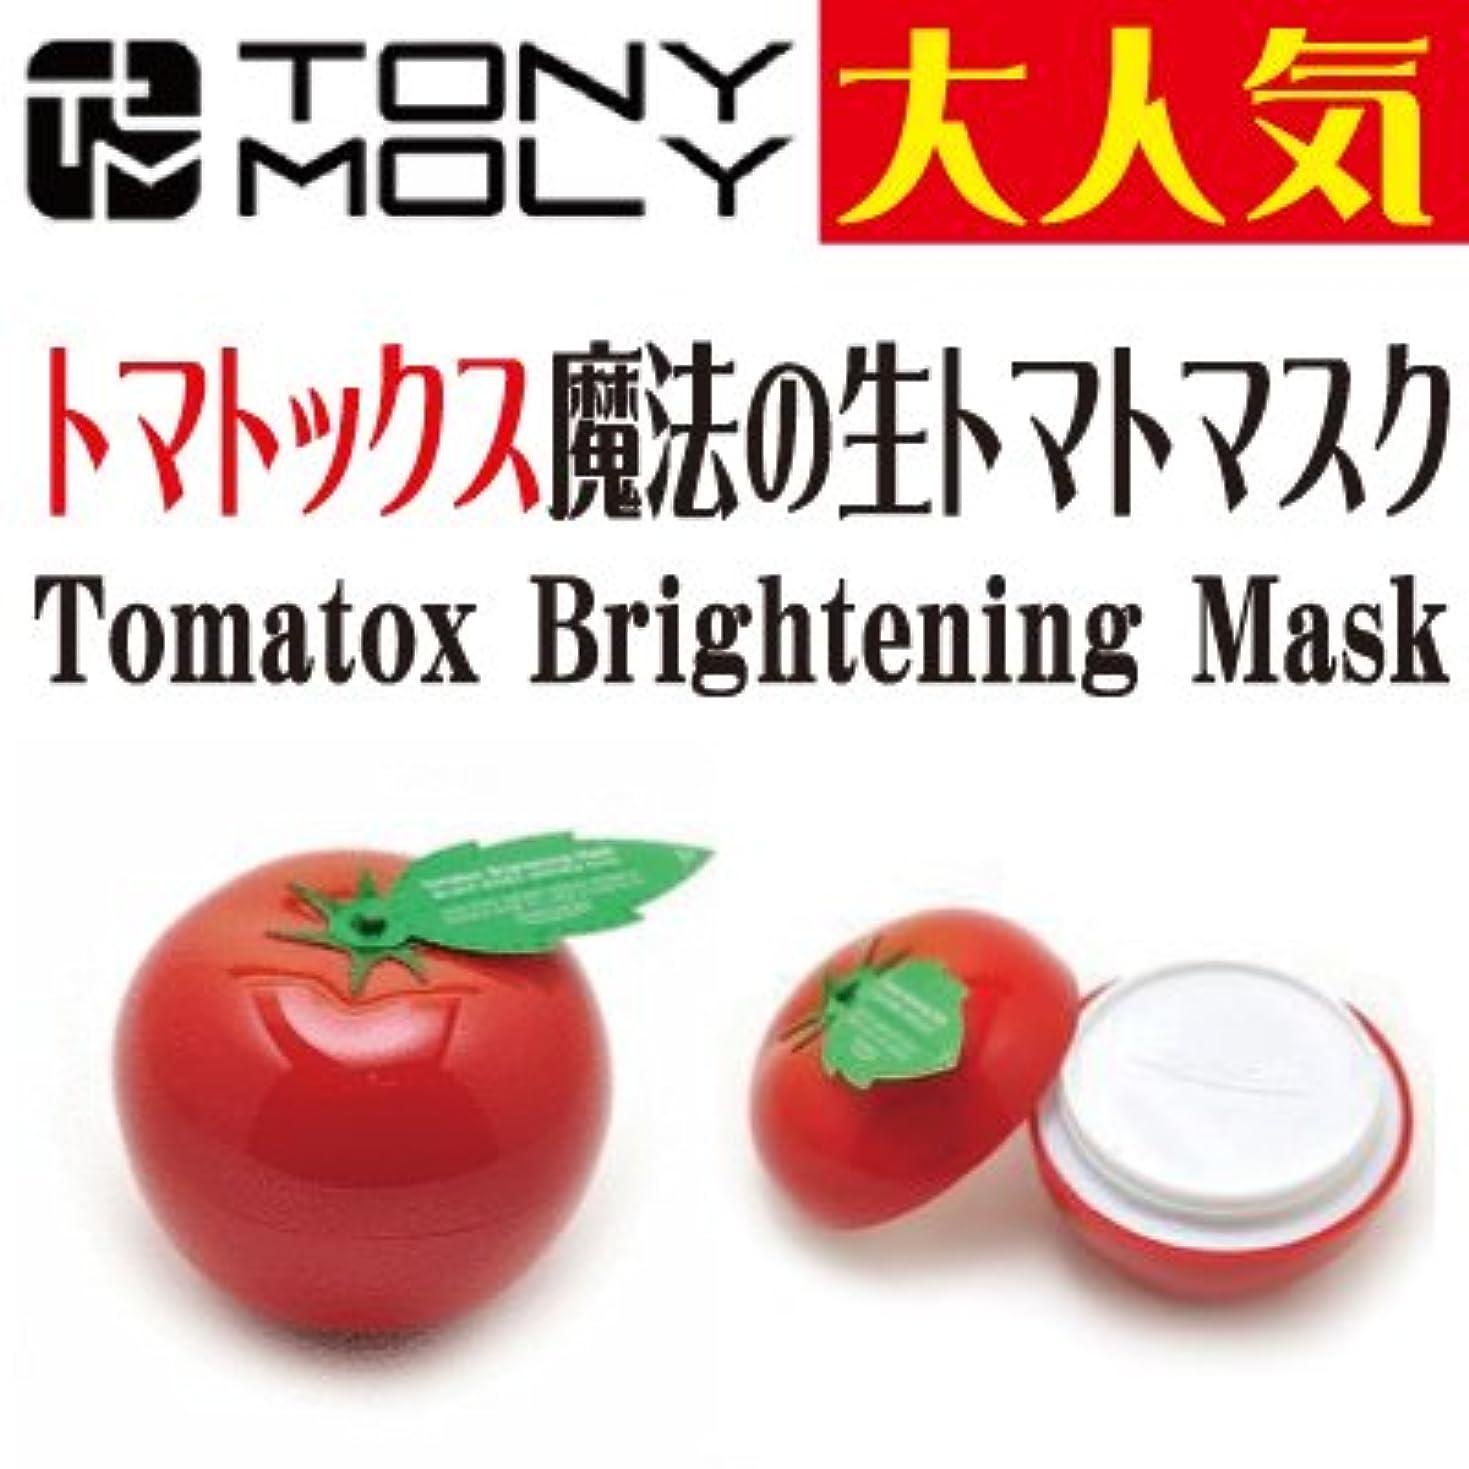 謝罪尊敬ワークショップTONYMOLY(トニーモリー)トマトックス ブライトニング マスク